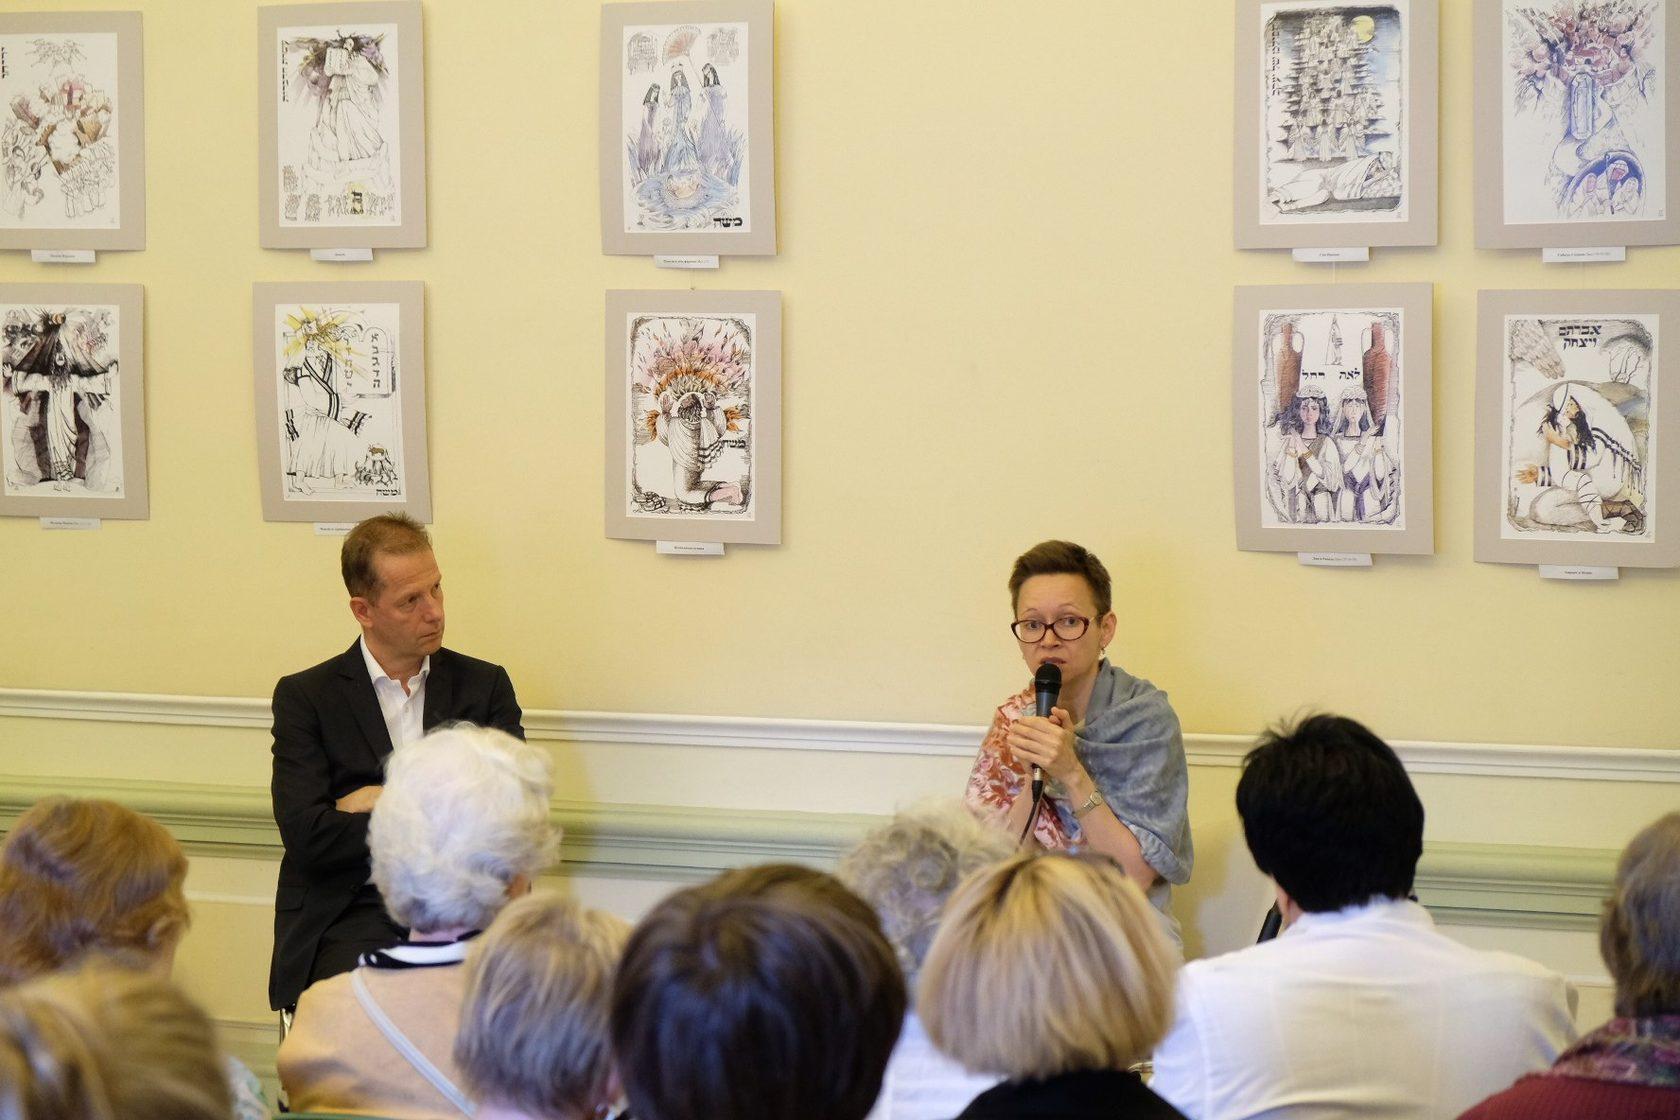 Гузель Яхина, автор романов «Дети мои» и «Зулейха открывает глаза», и Жан-Франсуа Тири, руководитель КЦ «Покровские ворота»